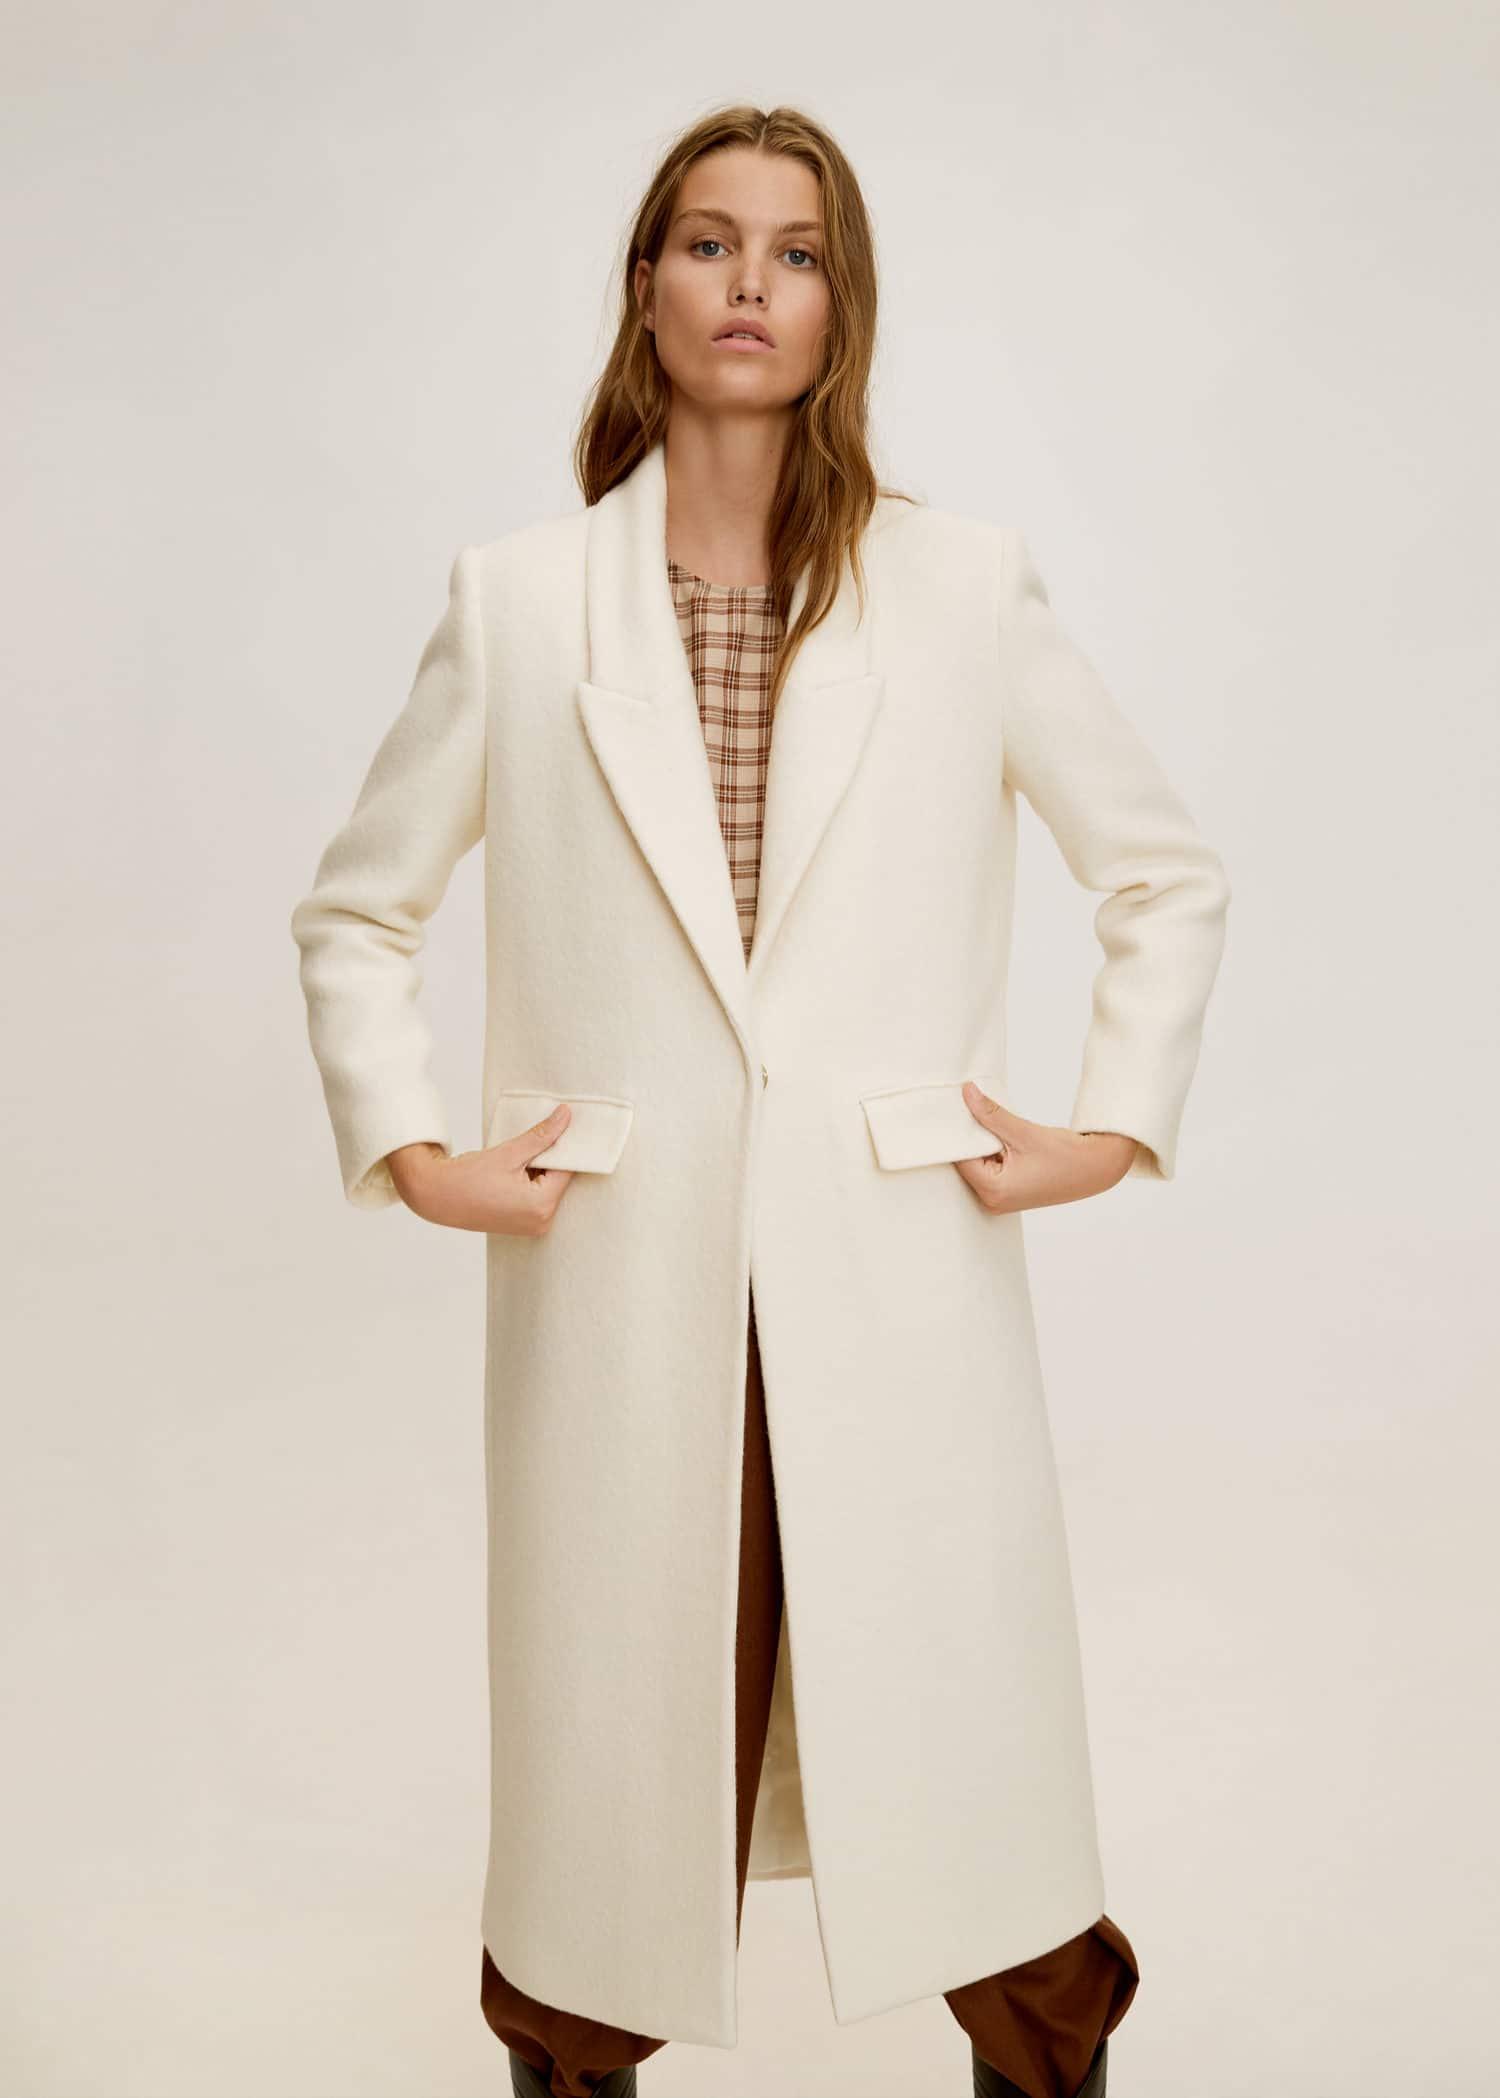 Manteau pour femme agee